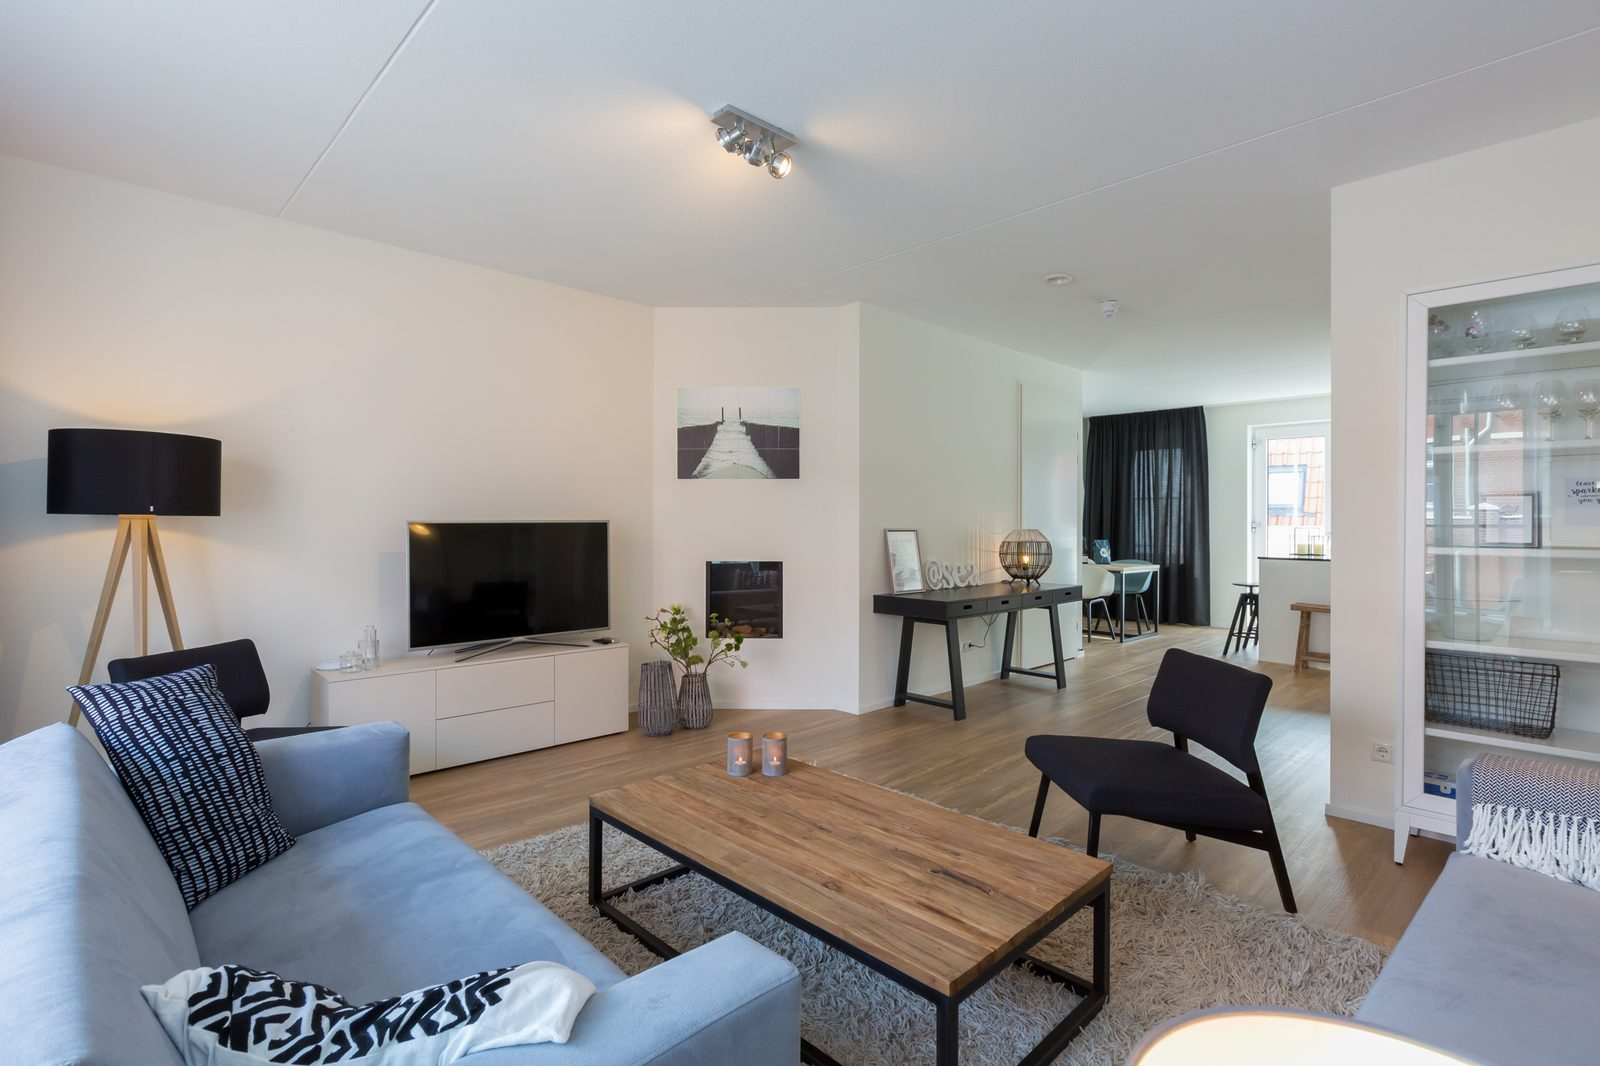 Splinternieuwe luxe appartementen op een toplocatie aan zee: Duinhof Dishoek